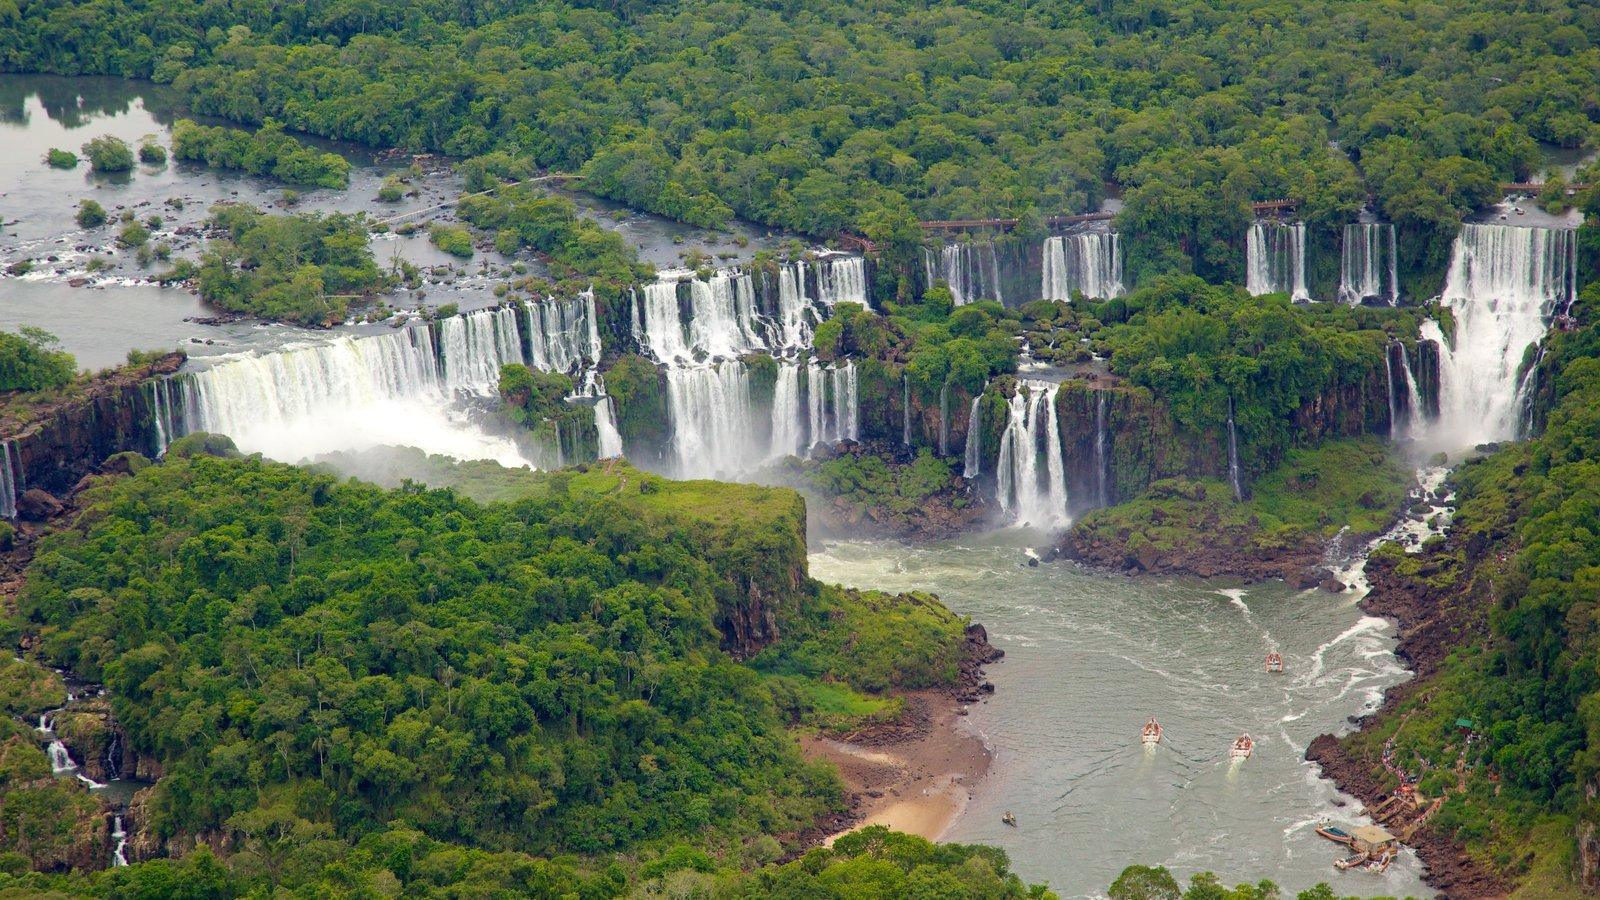 Foz do Iguaçu caracterizando um lago ou charco, uma cachoeira e cenas de floresta